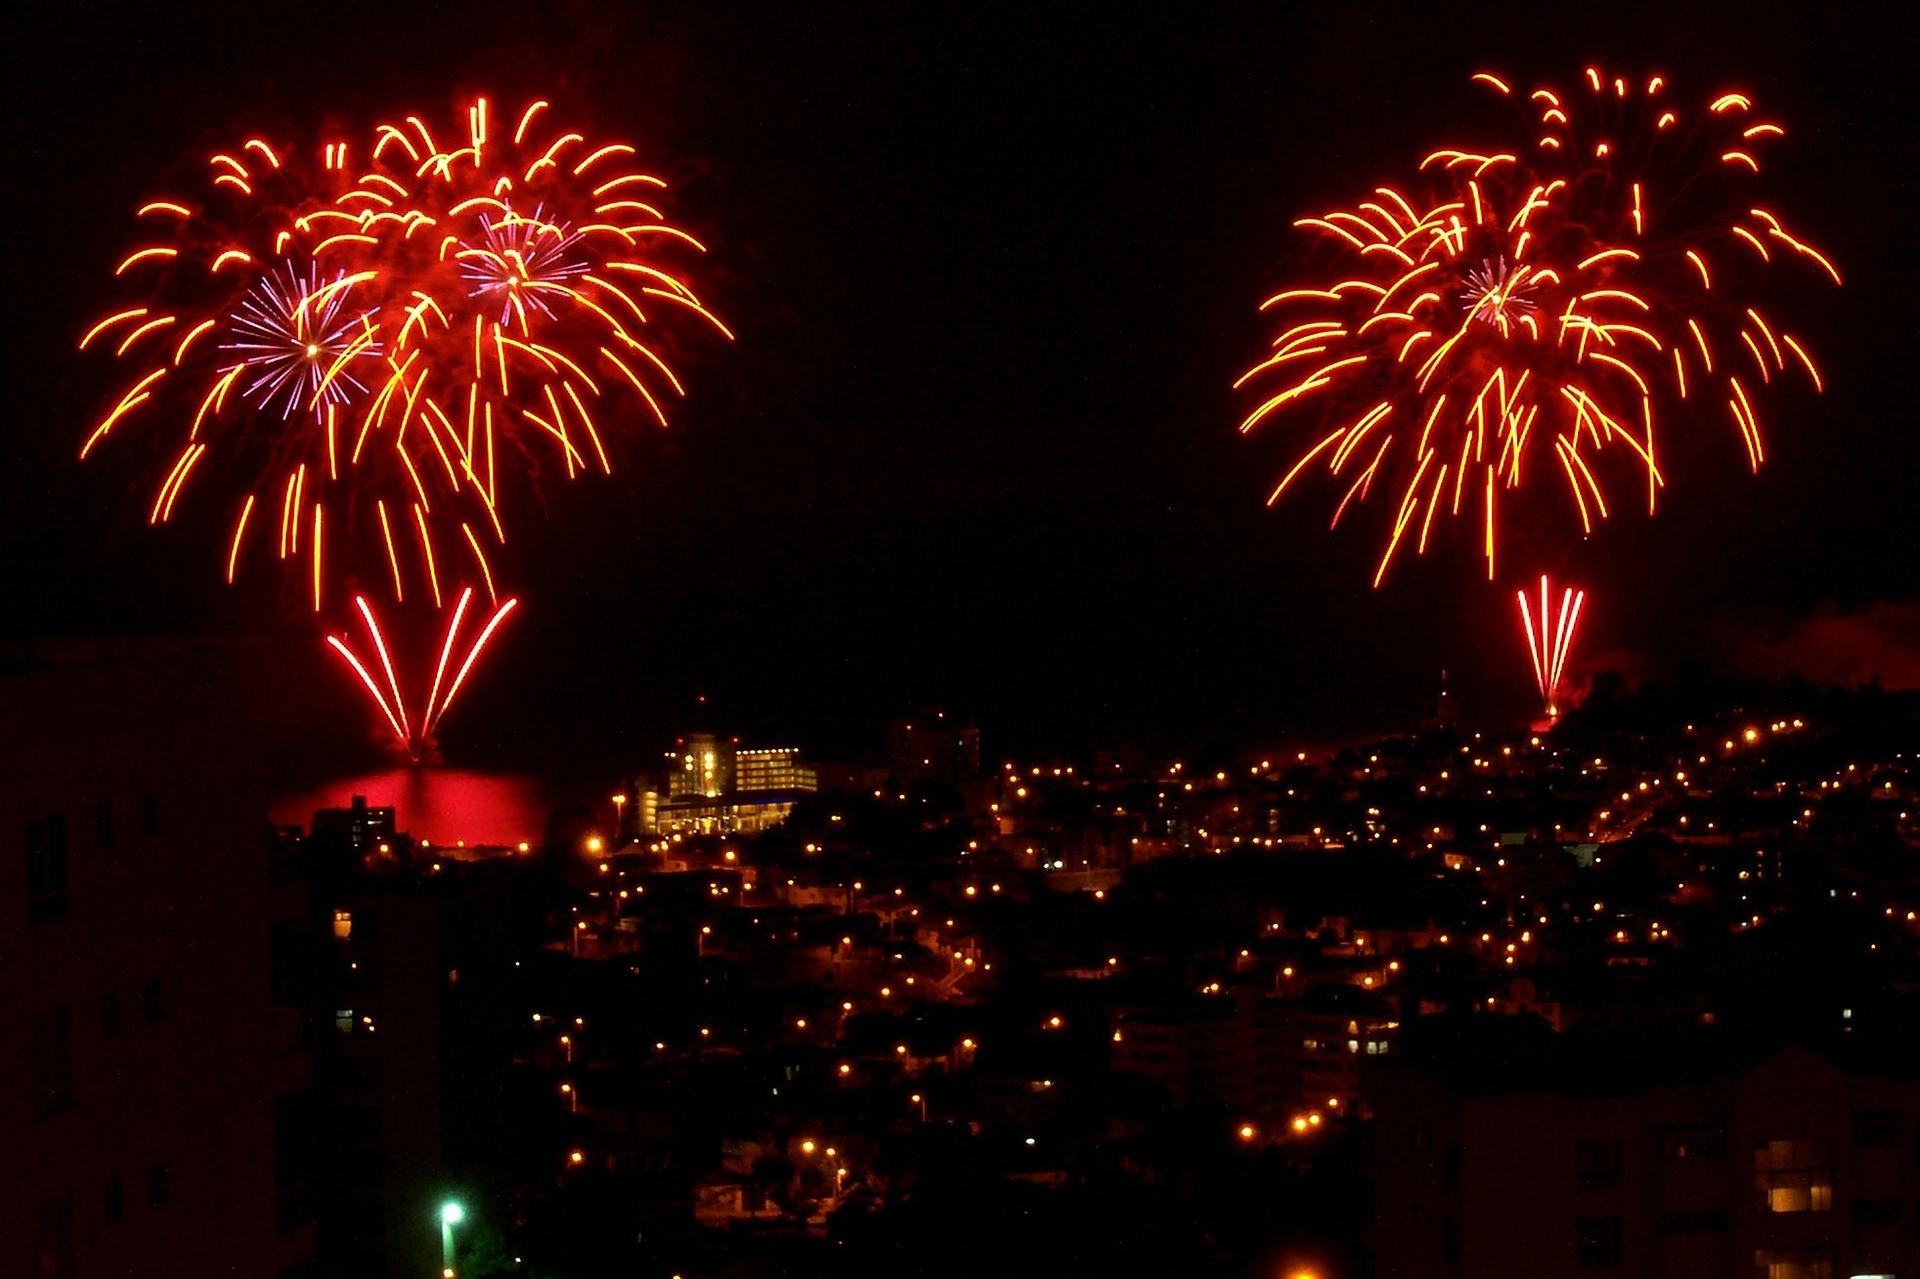 Verspätete Neujahrswünsche und Feuerwerk